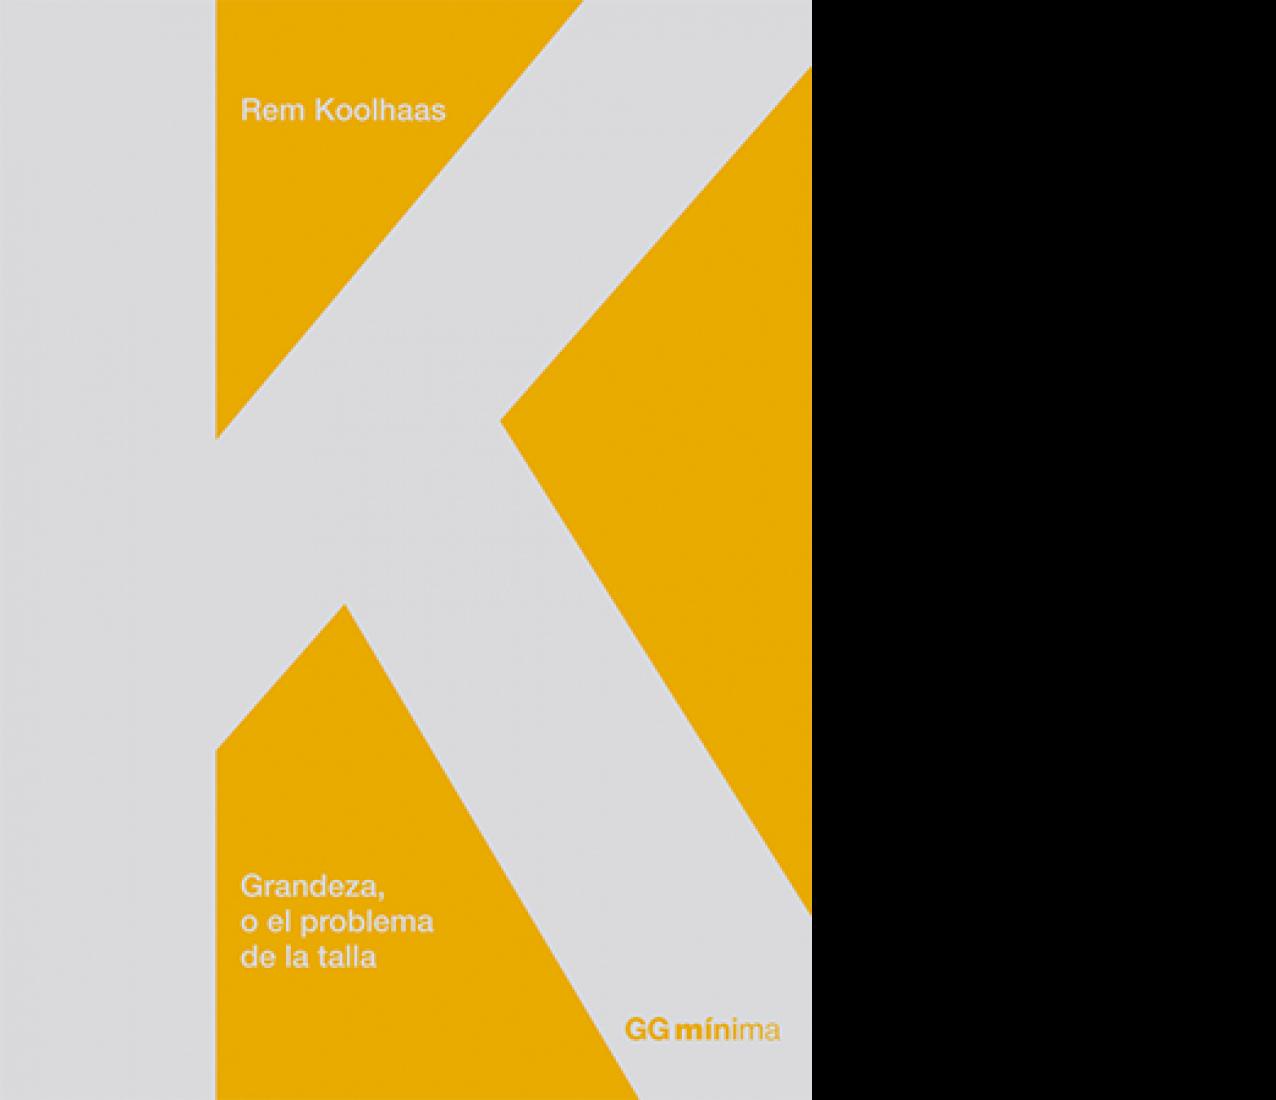 Cover. Grandeza, o el problema de la talla. Rem Koolhaas